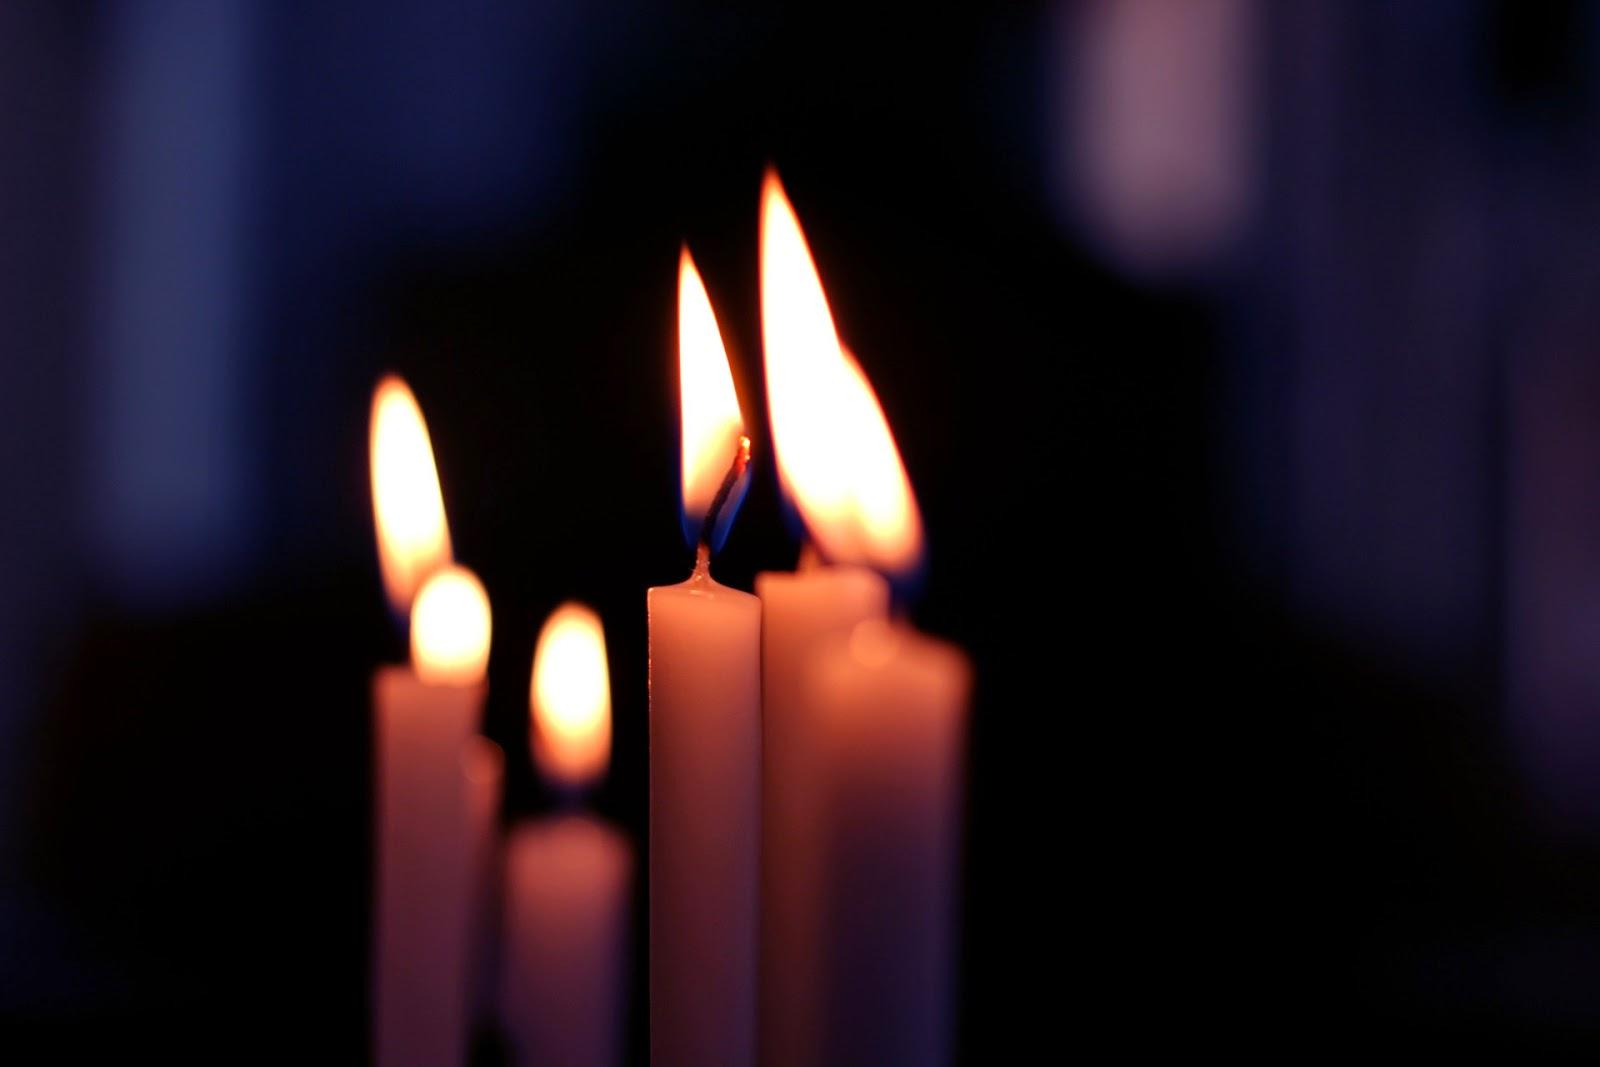 Μυστικό για να μην στάζουν τα κεριά